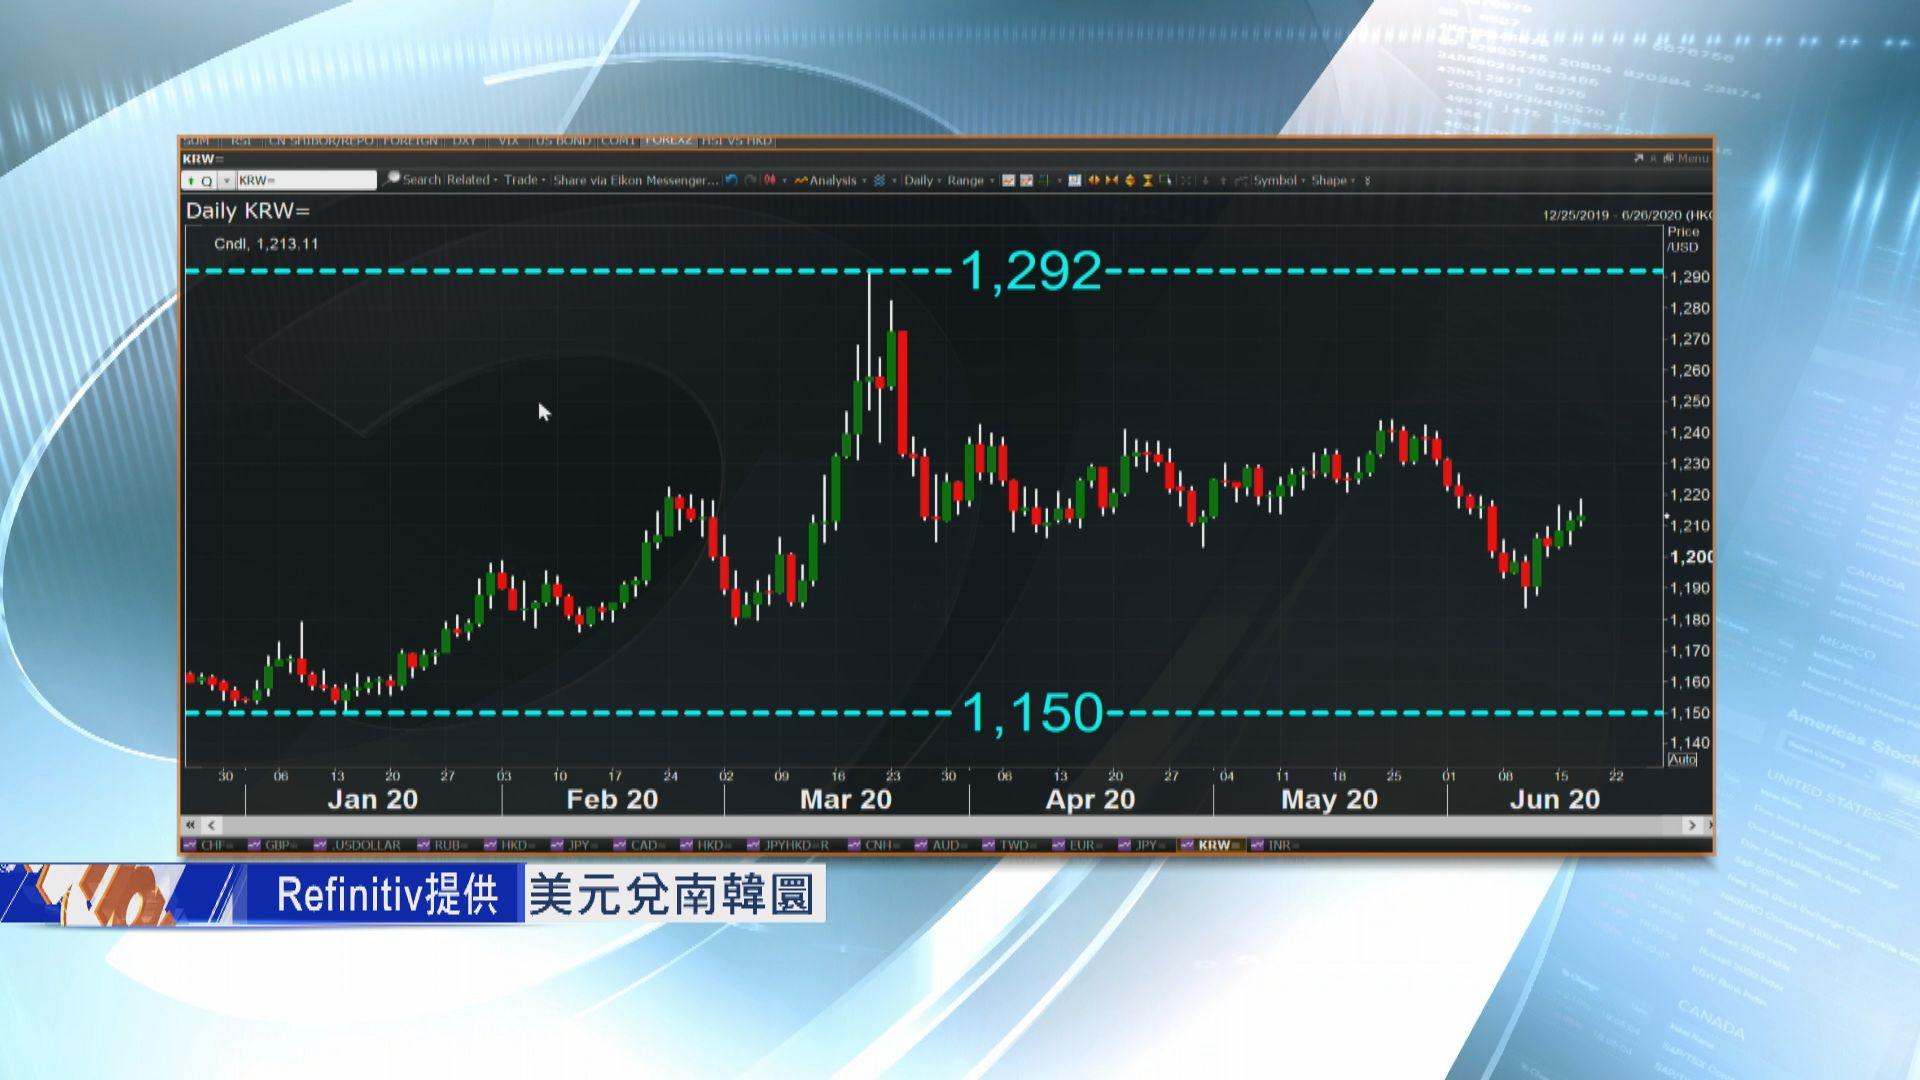 【期匯決算】多重地緣政治風險拖累亞洲貨幣